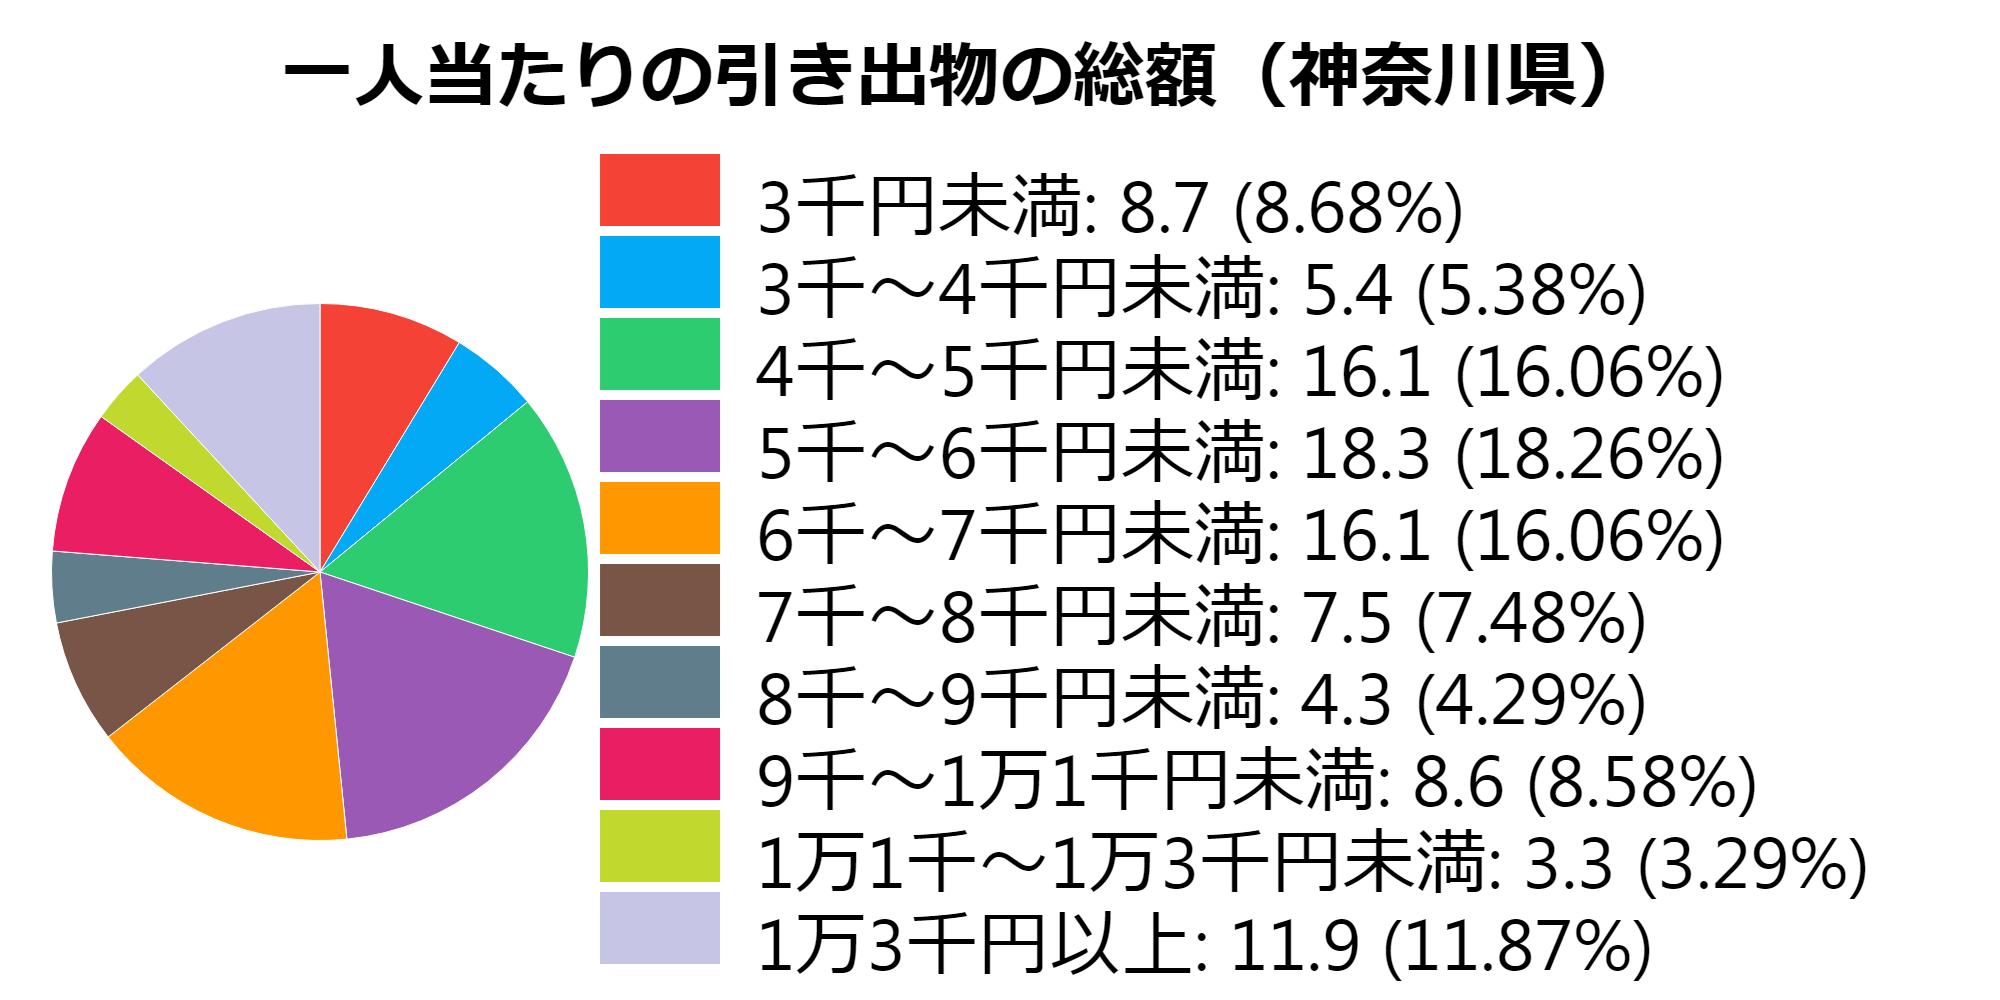 総額(神奈川県)